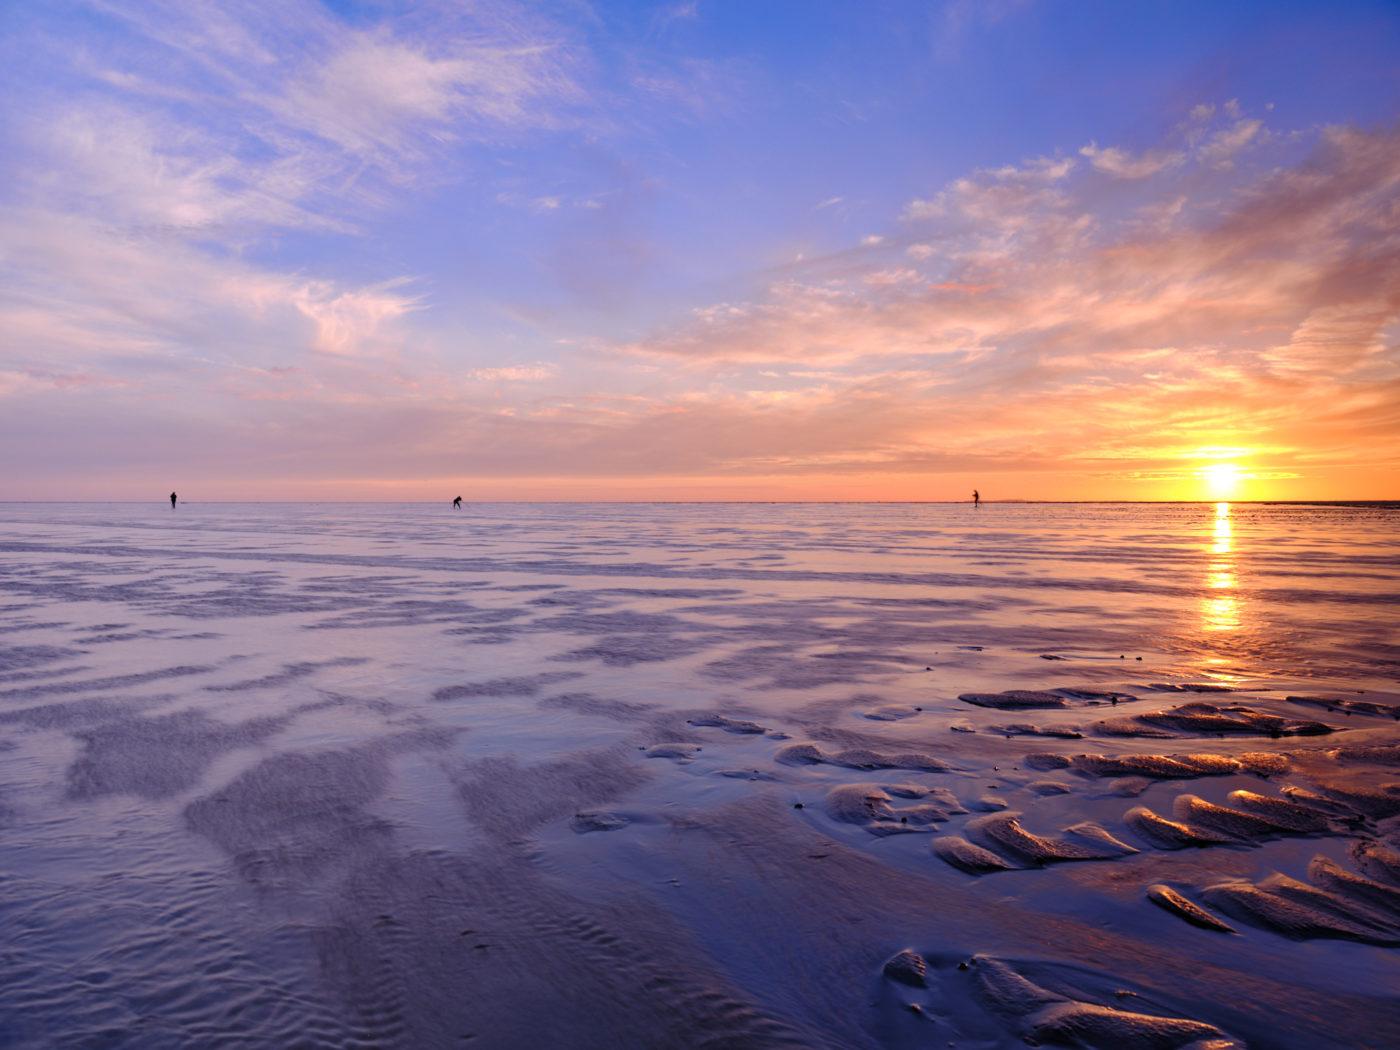 Fotograferen op een grote zandplaat | Landschapsfotograaf Harmen Piekema